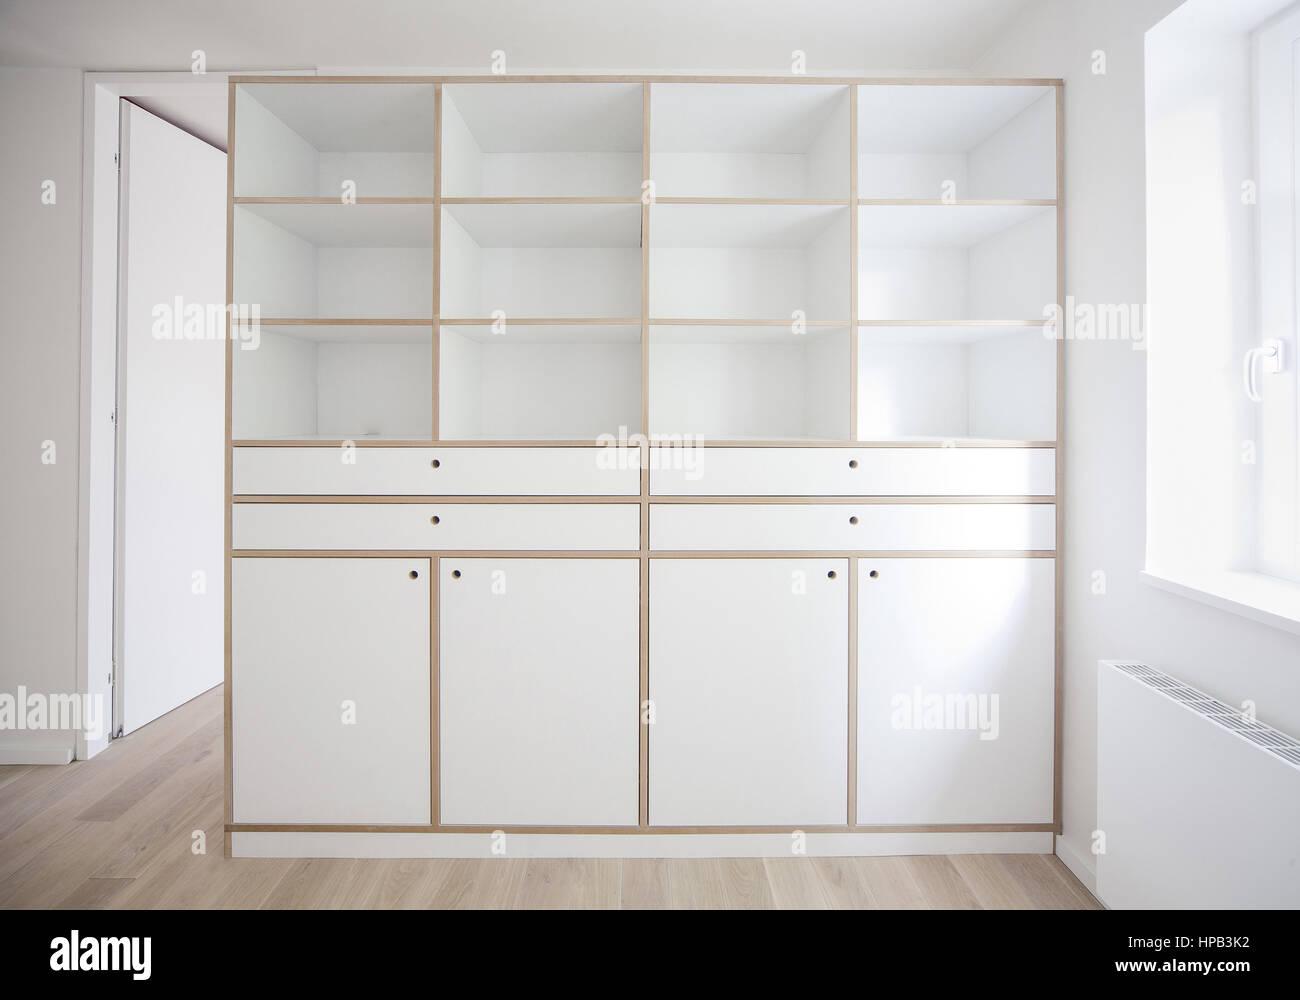 Wunderbar Weisse Schränke Galerie Die Designideen für Badezimmer